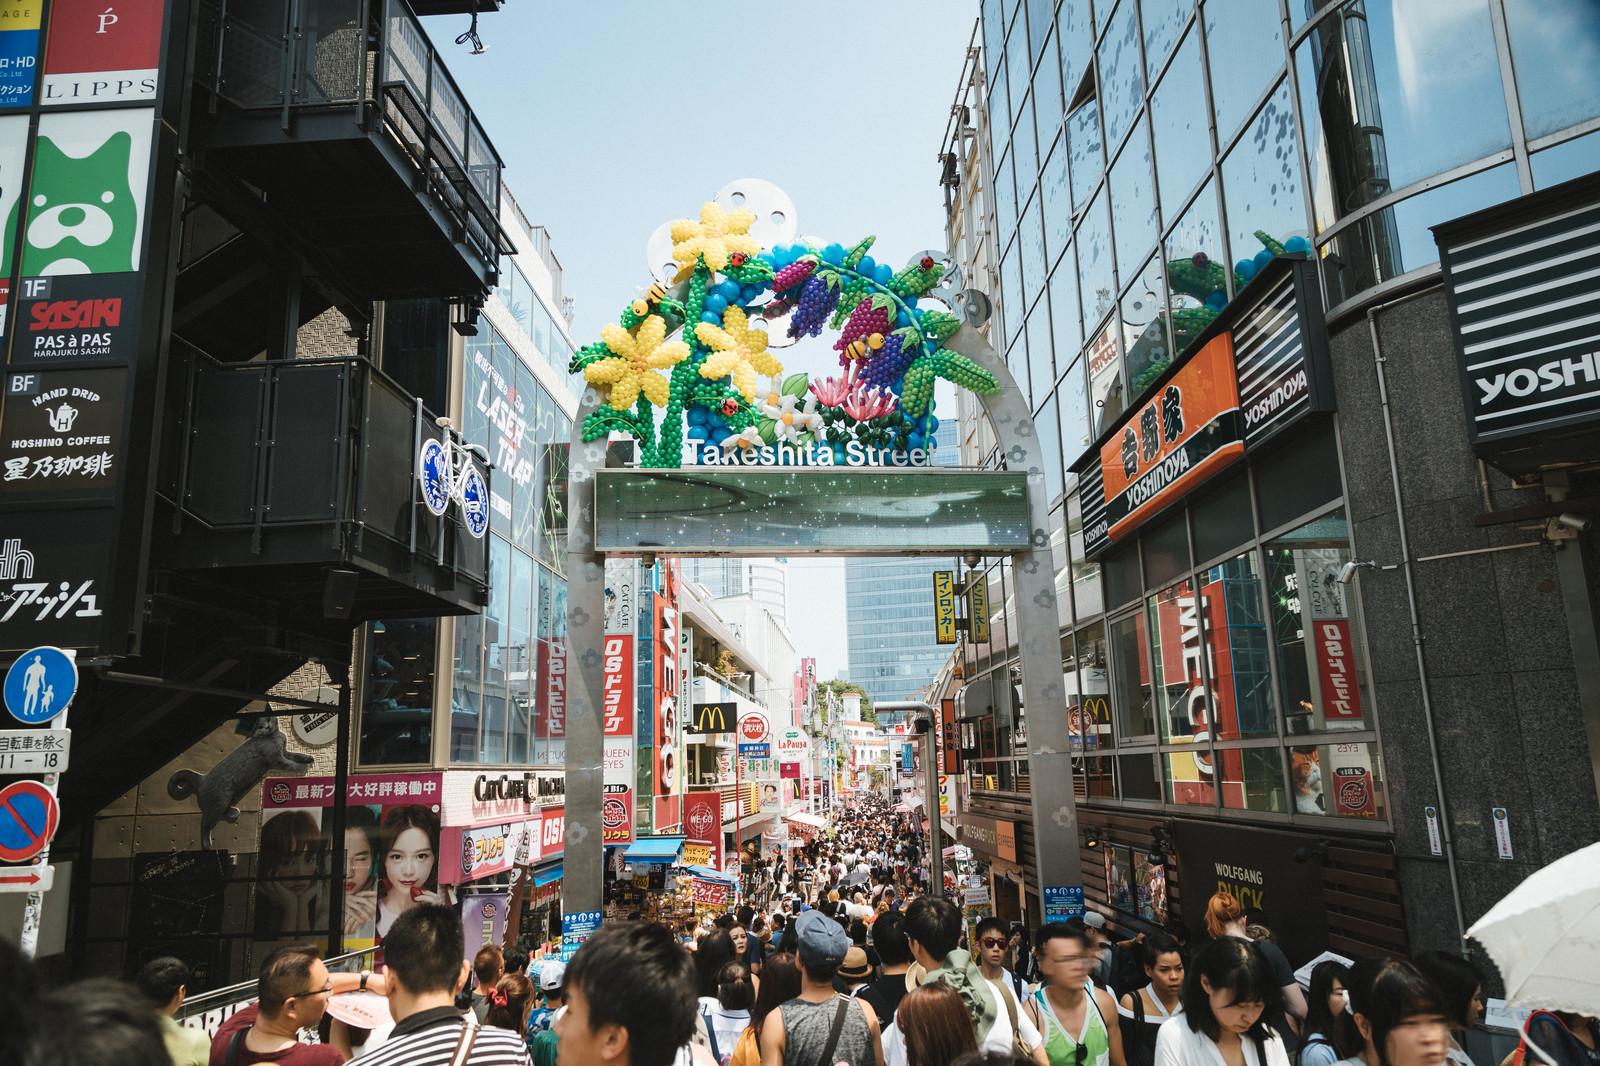 東京は今日も暑い。やる気が出ないのを夏の猛暑のせいにする愚痴日記